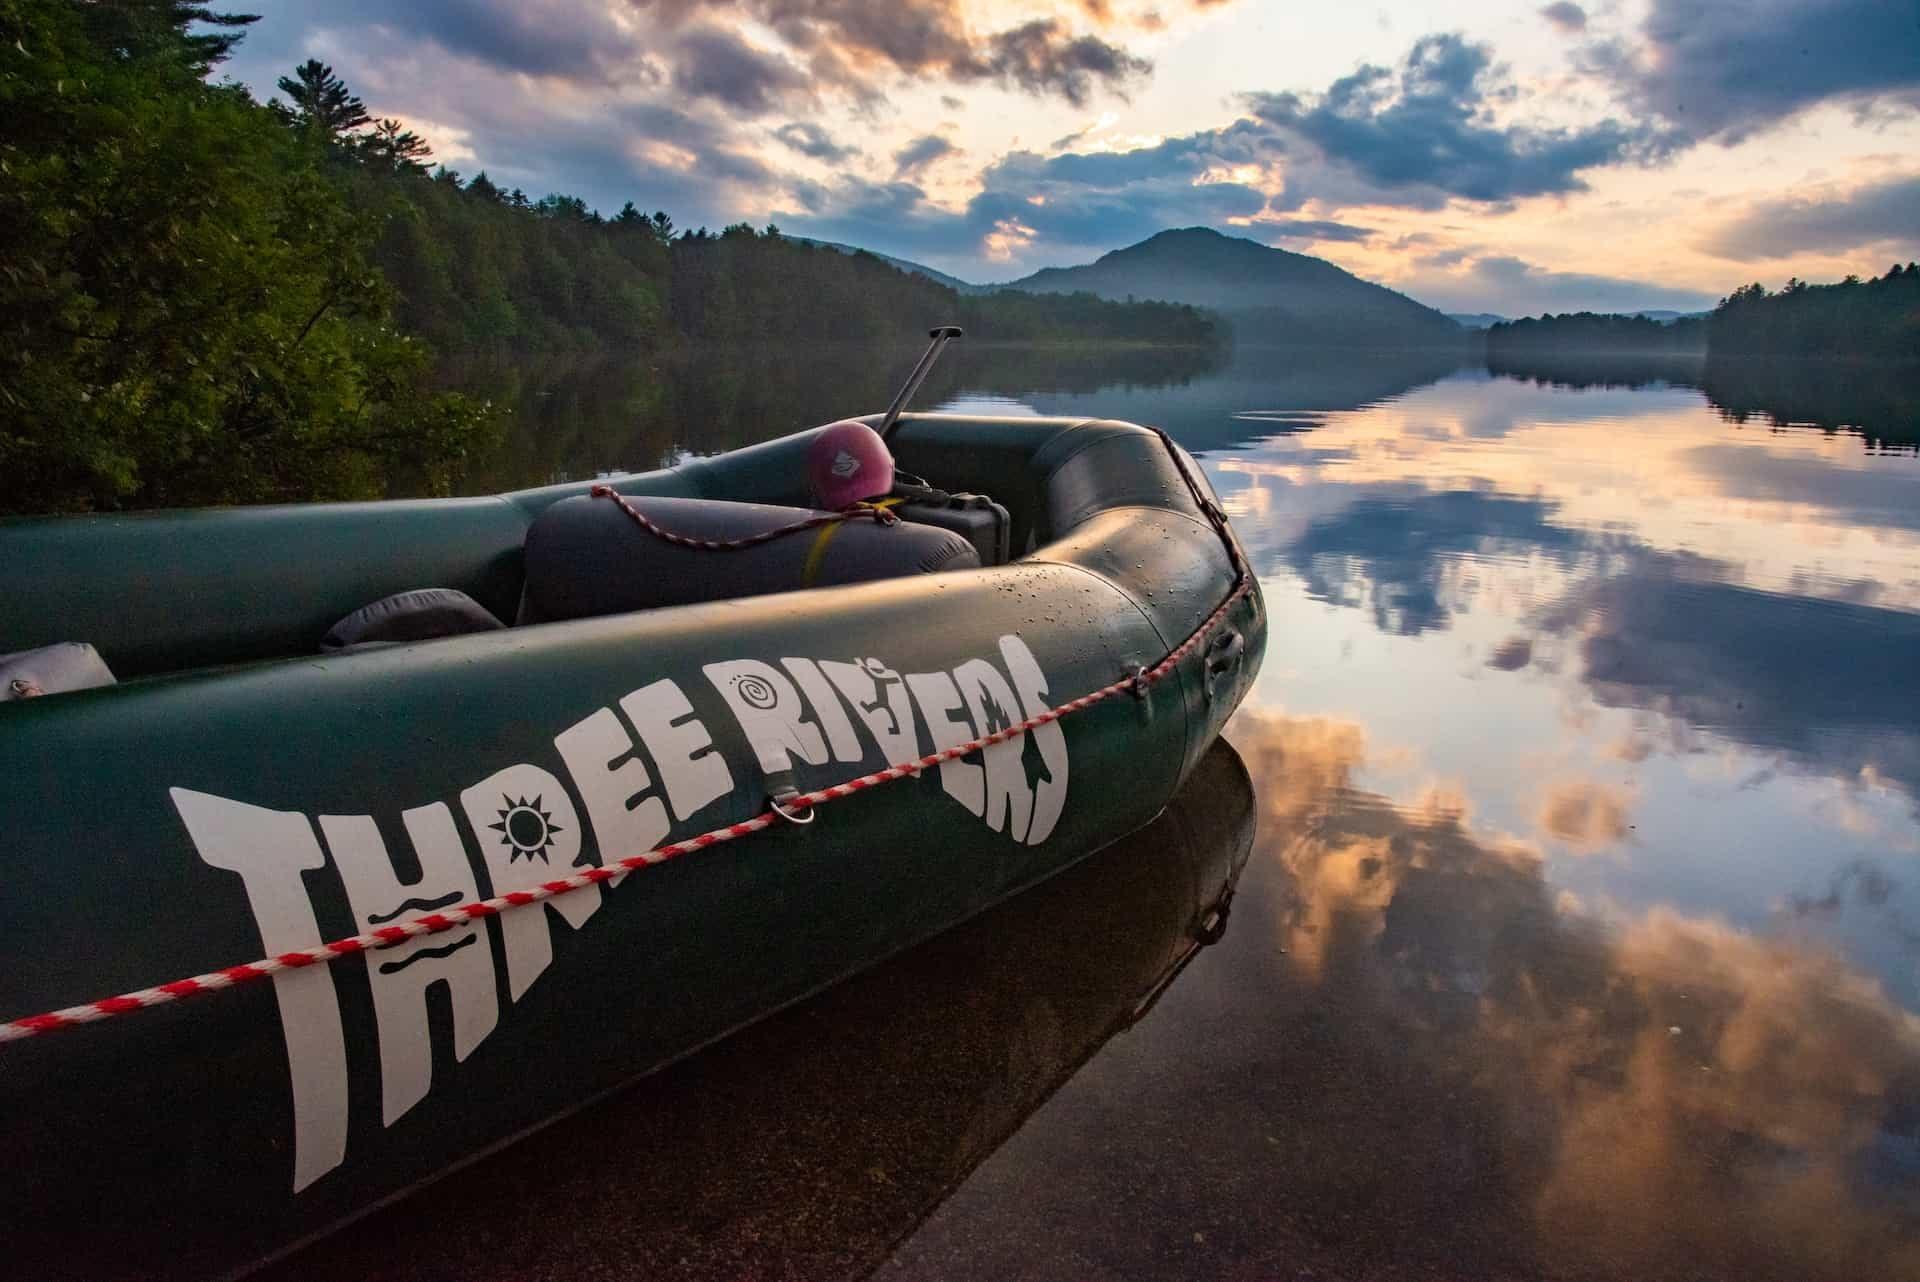 penobscot overnight raft on lake